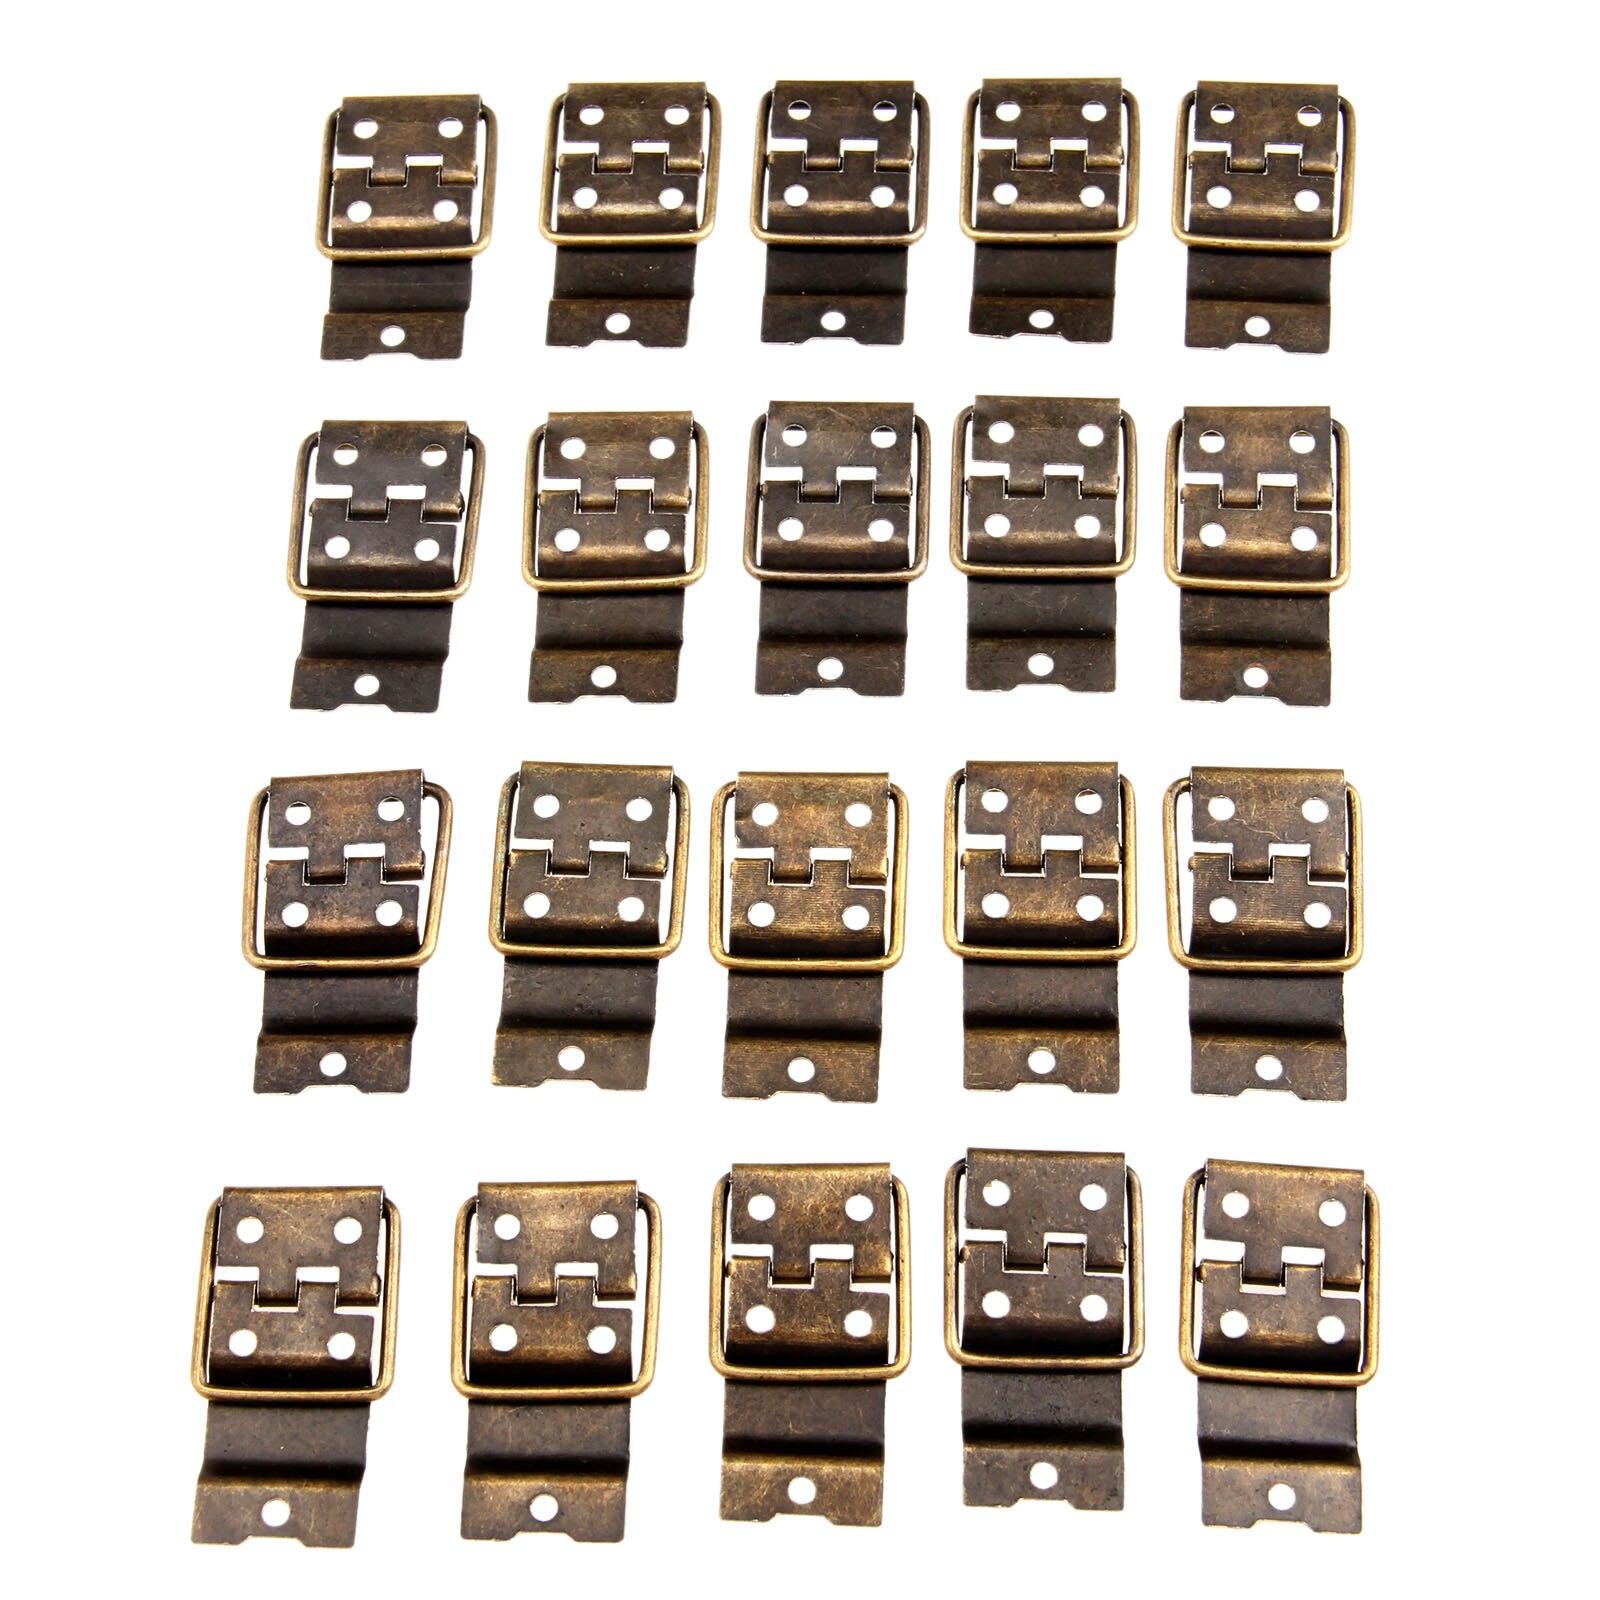 Charnières de meuble en Bronze Antique   20 pièces, charnières de porte, tiroir, boîte à cadeau de bijoux, charnières pour matériel de meuble 38x21mm